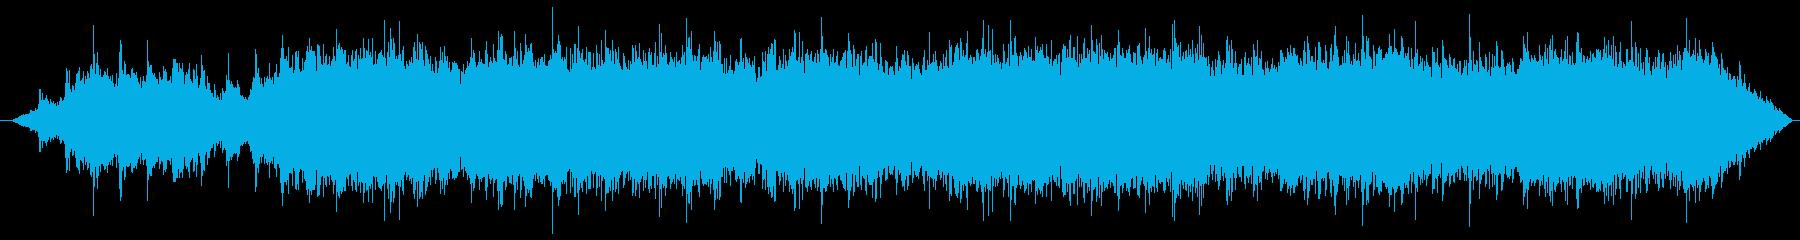 工場 タイプCの再生済みの波形